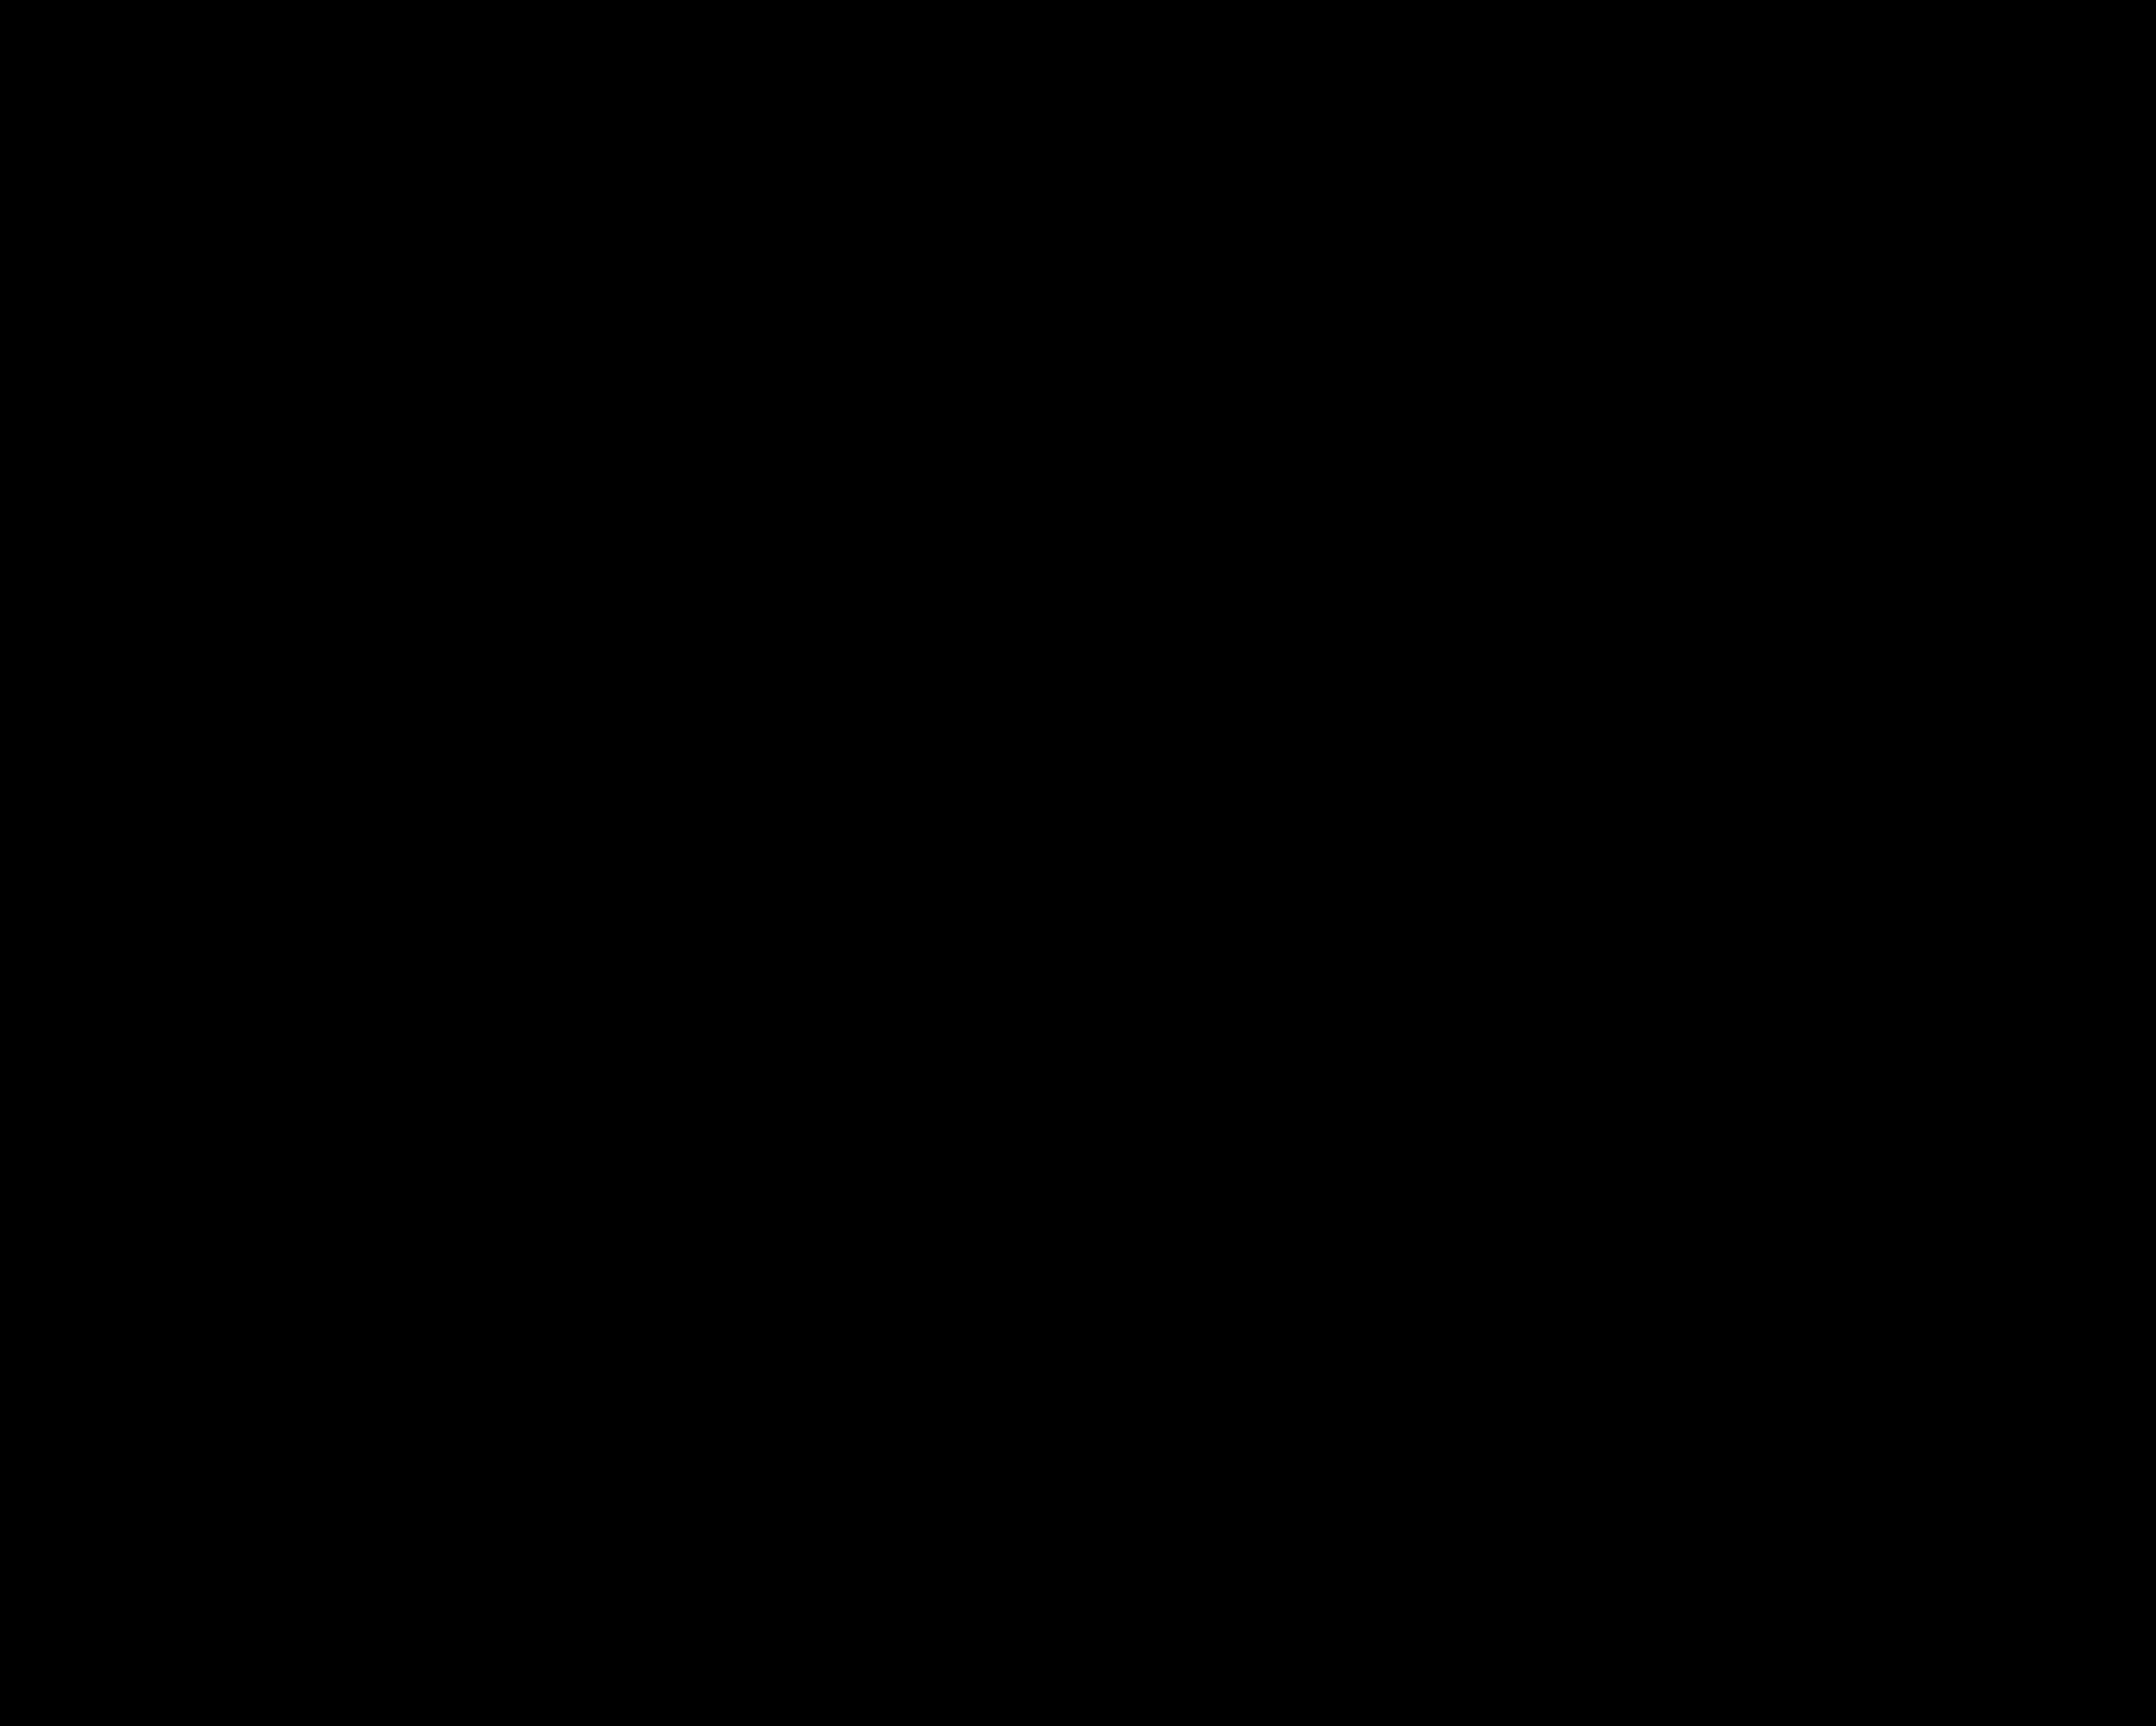 nox_logo_black.png